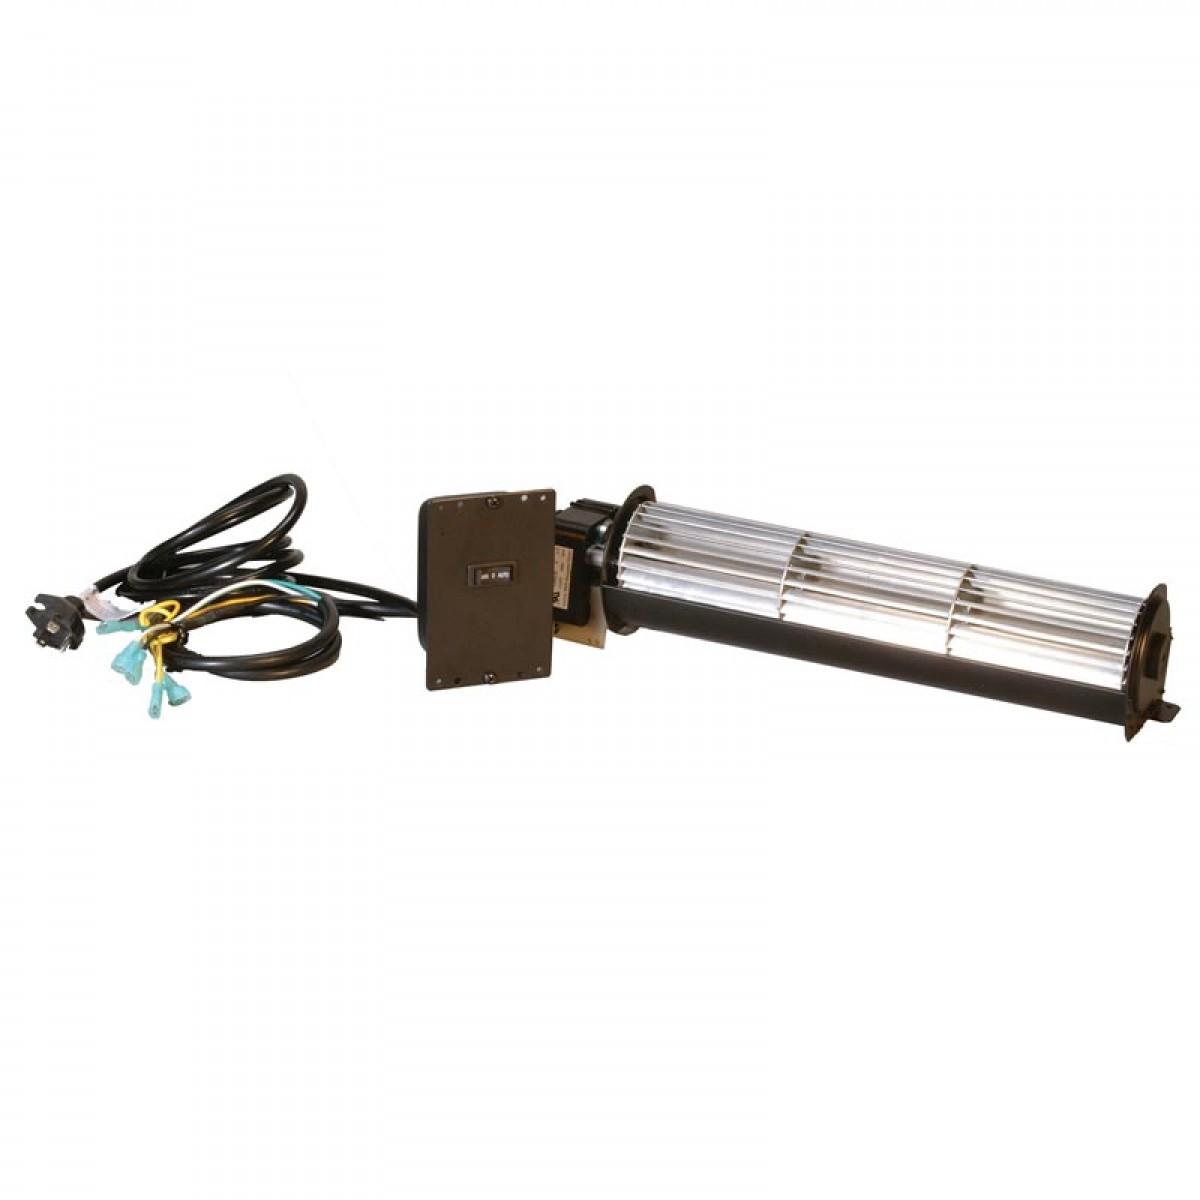 Kozy World 20 6030 Blower Kit